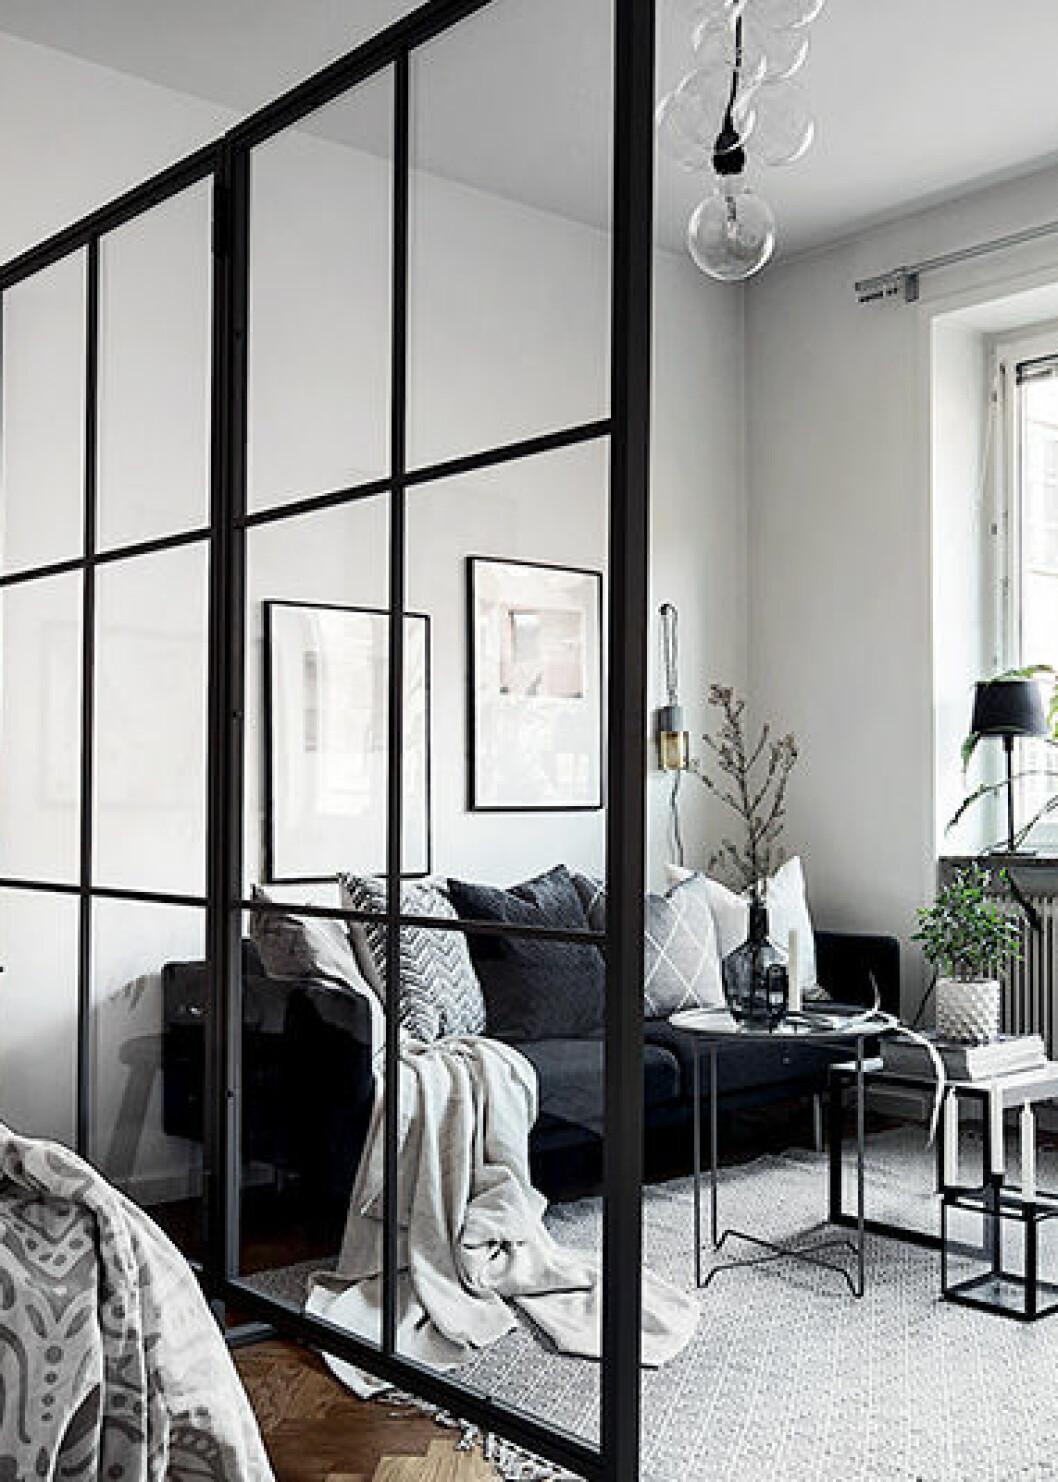 Vitt påslakanset med mönster, H&M Home